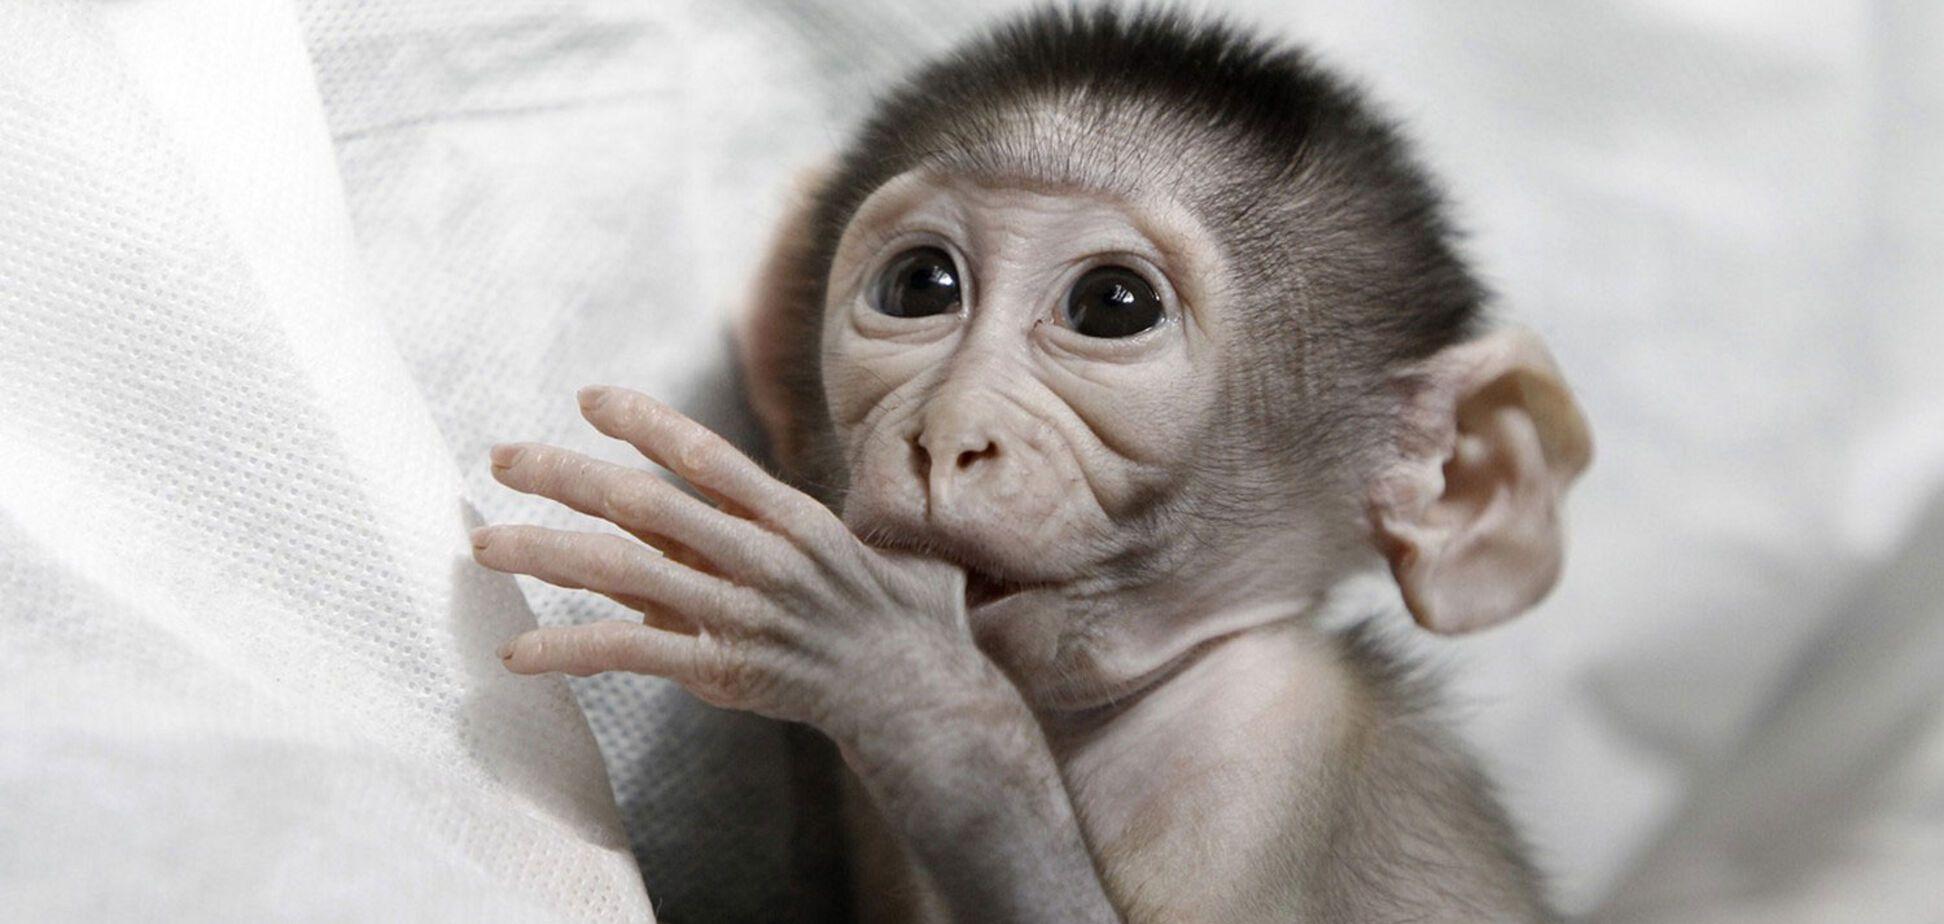 Греется и ест! Бердянский зоопарк показал подросшего капуцинчика